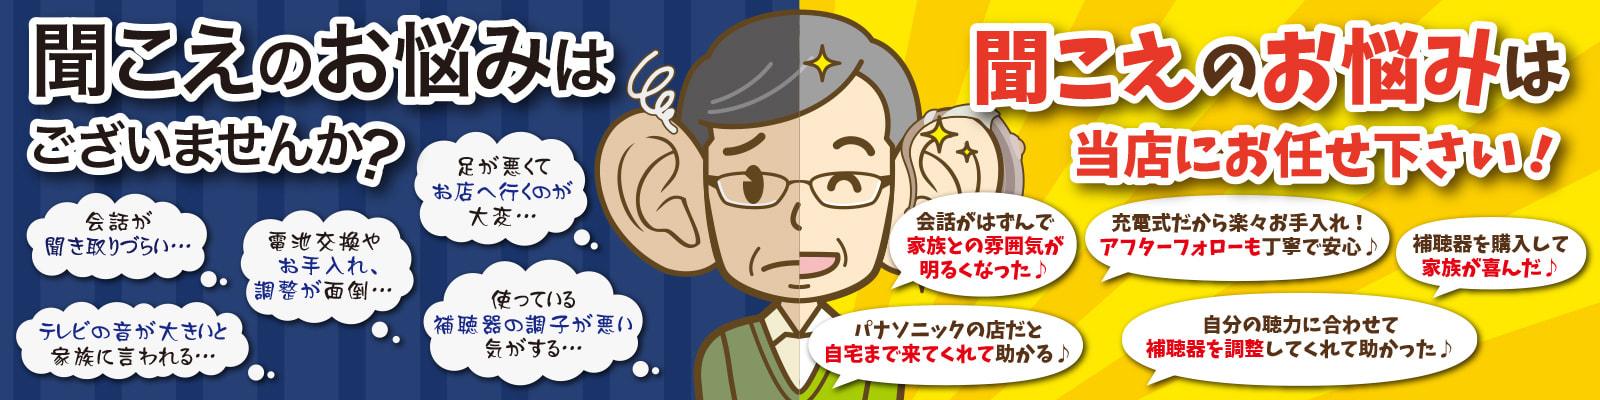 1600x400_kurihara-4.jpg